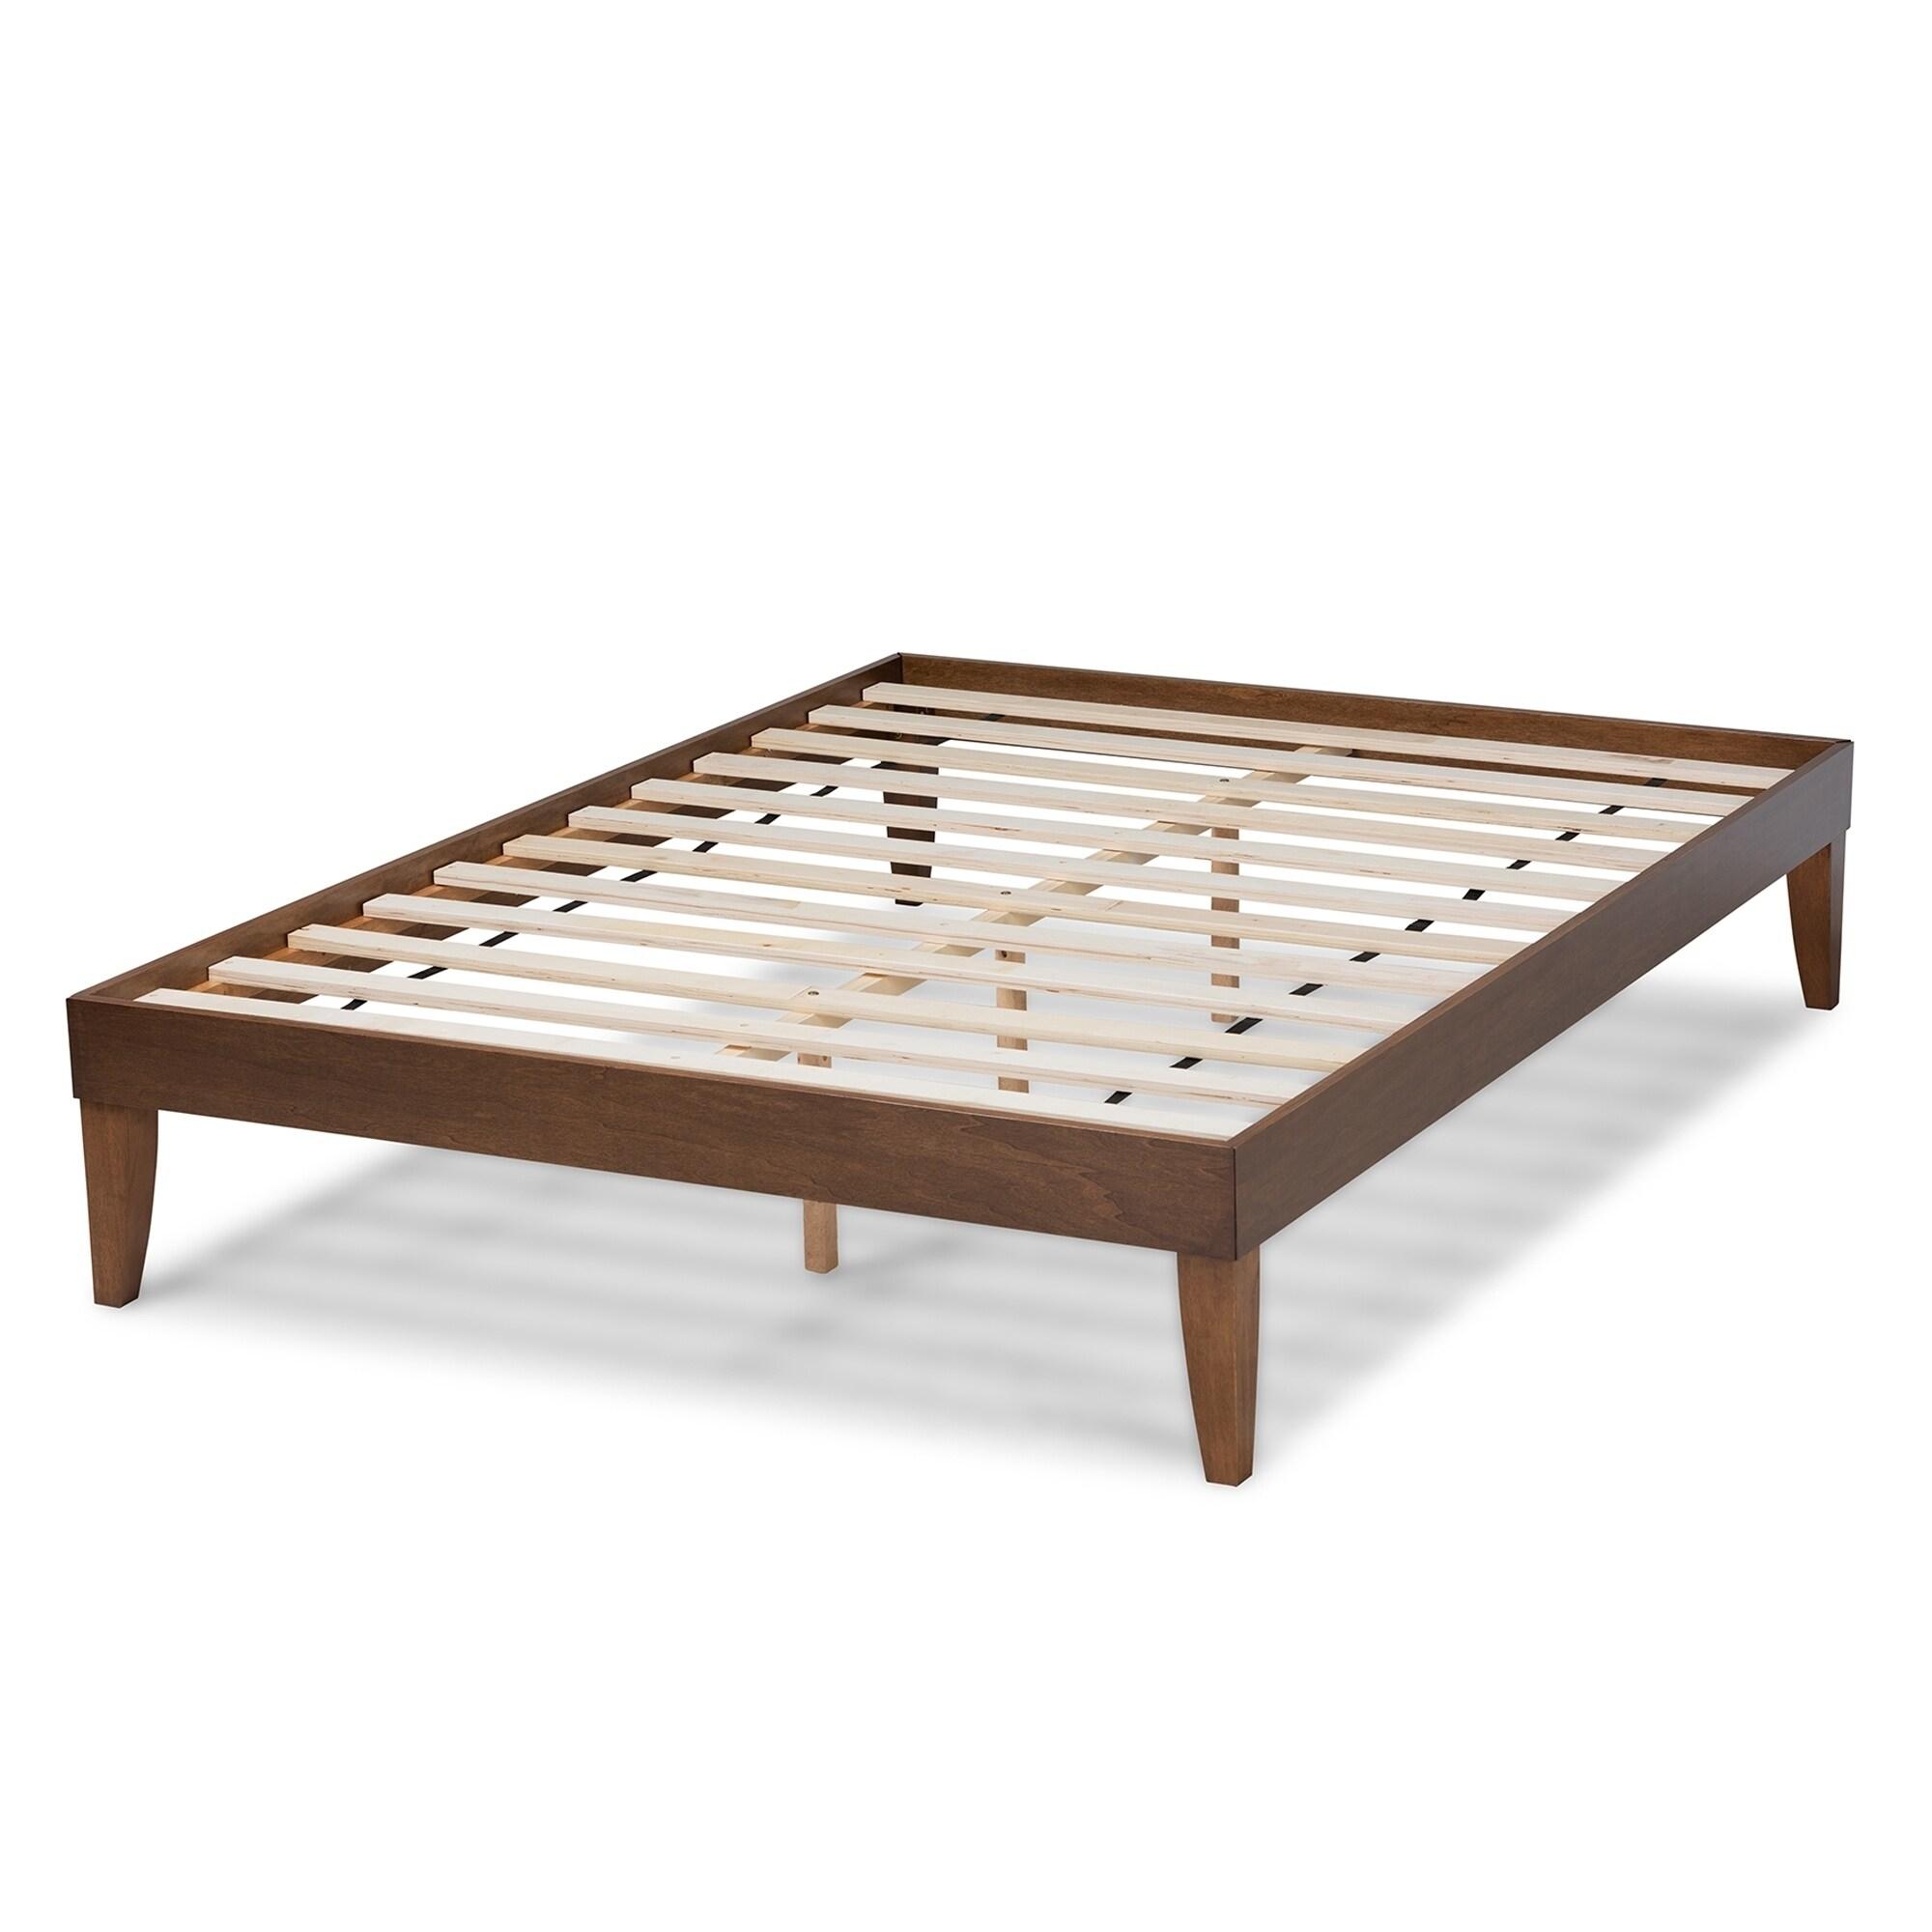 Lucina Mid-Century Modern Platform Bed Frame